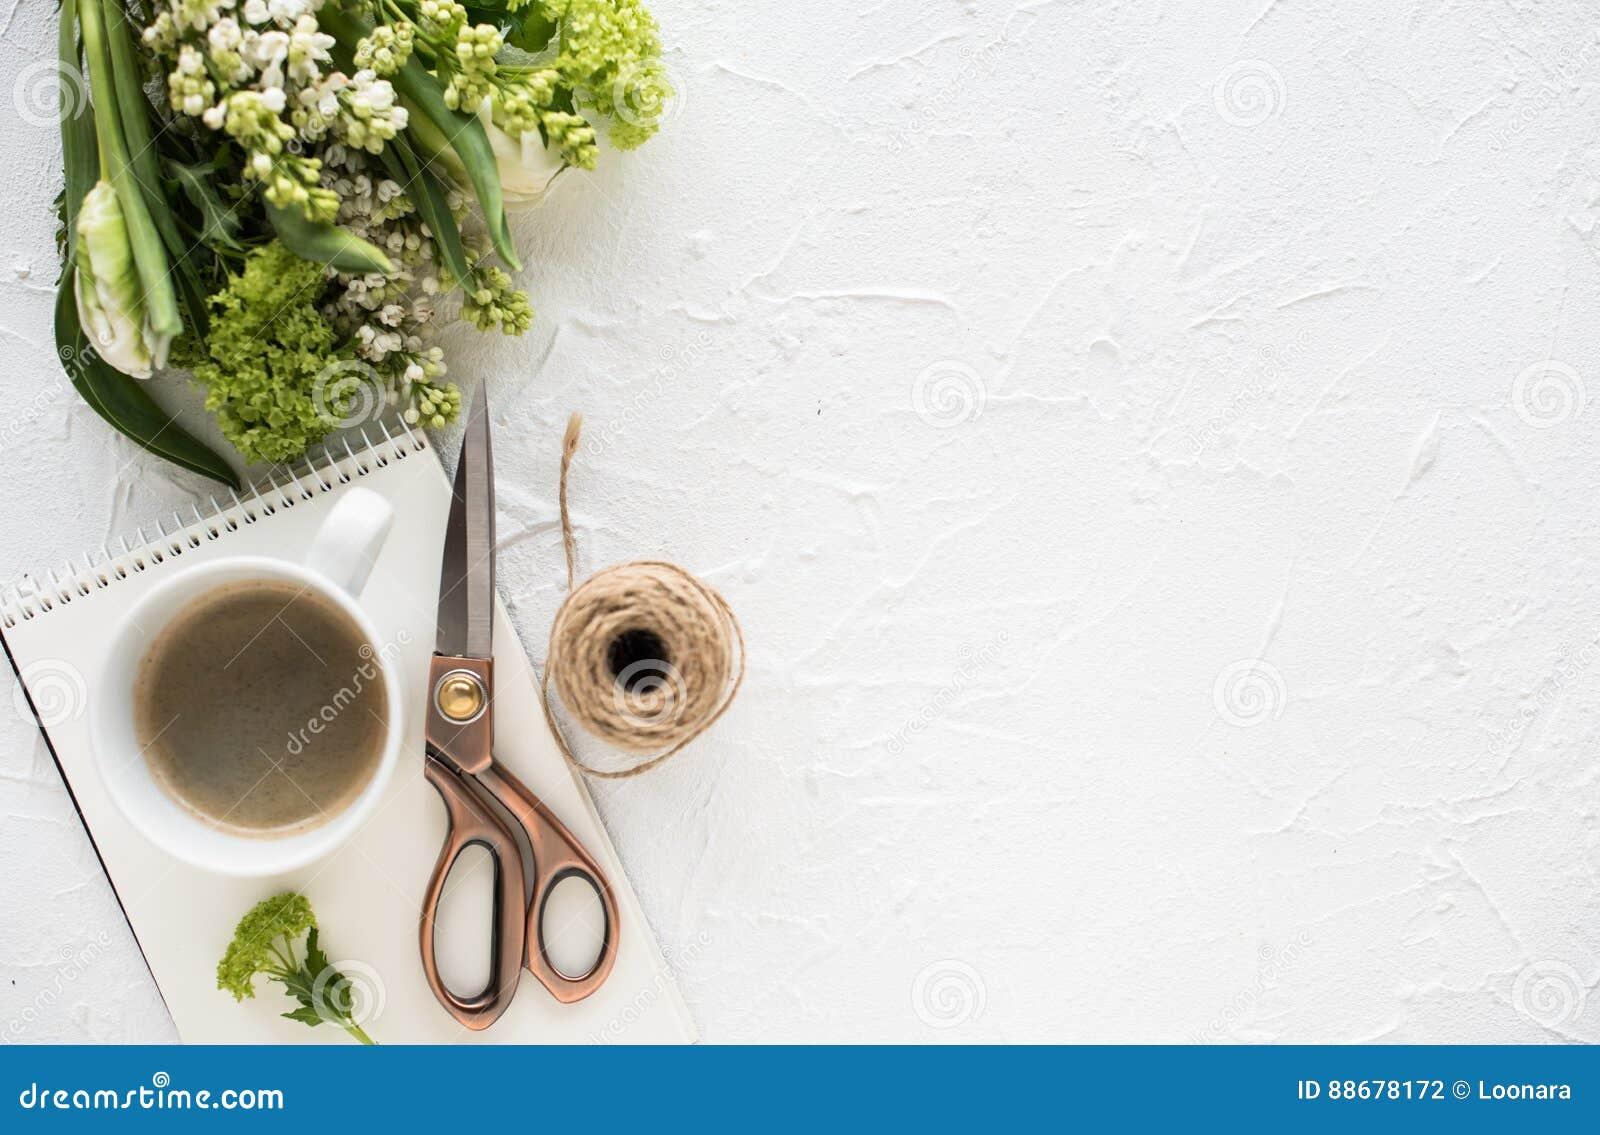 Flatlay féminin avec des fleurs et ccoffee sur le dessus de table blanc